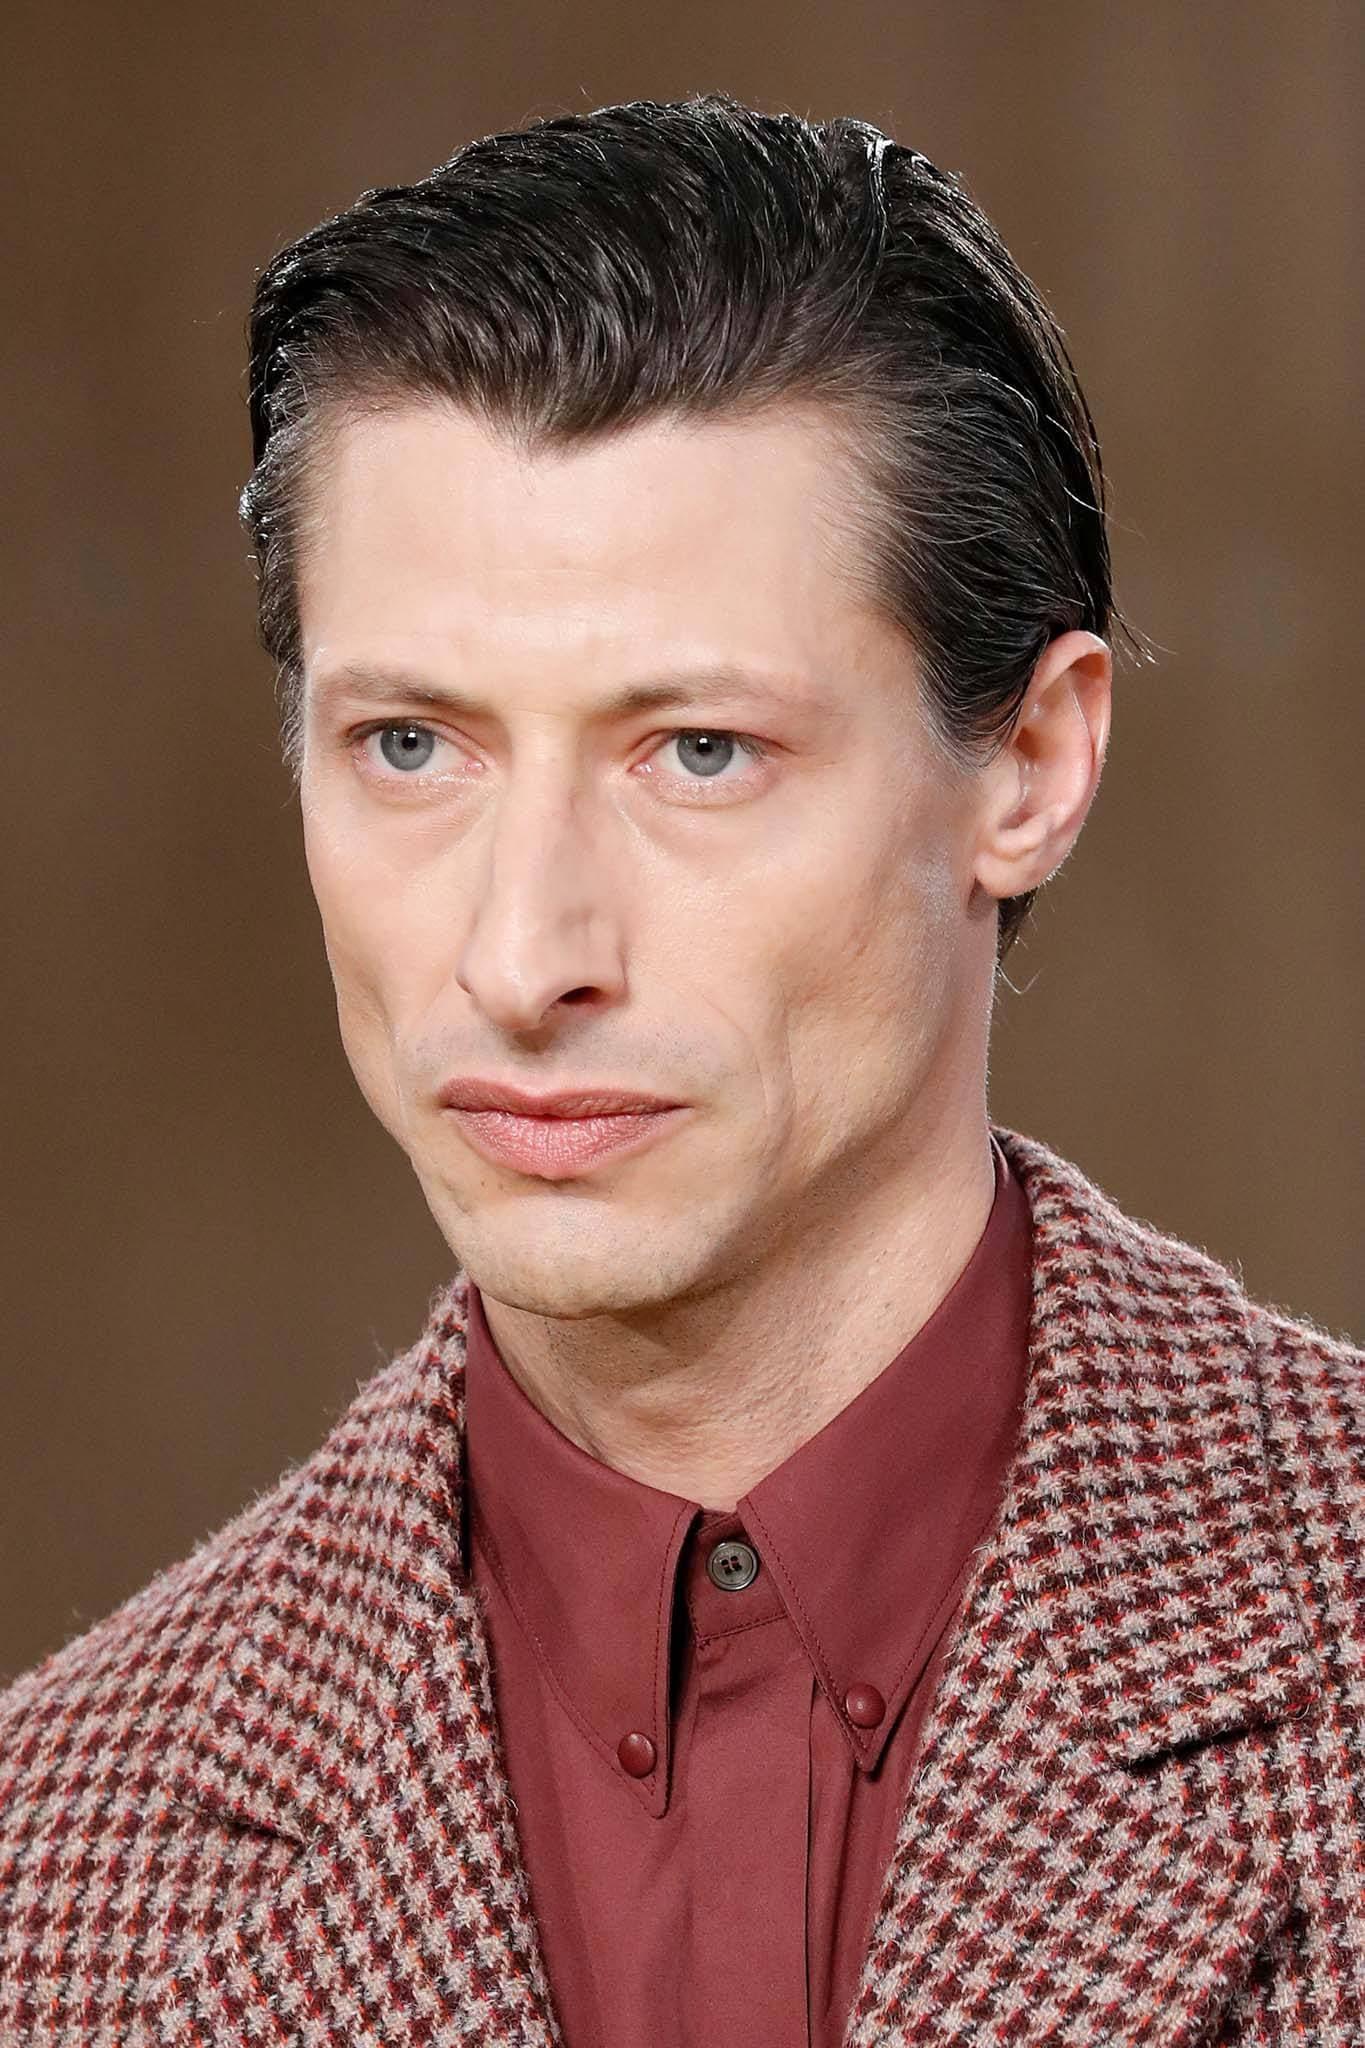 Cómo conseguir un peinados hacia atras hombre Fotos de las tendencias de color de pelo - 10 formas de reinventar el peinado hacia atrás para hombre ...